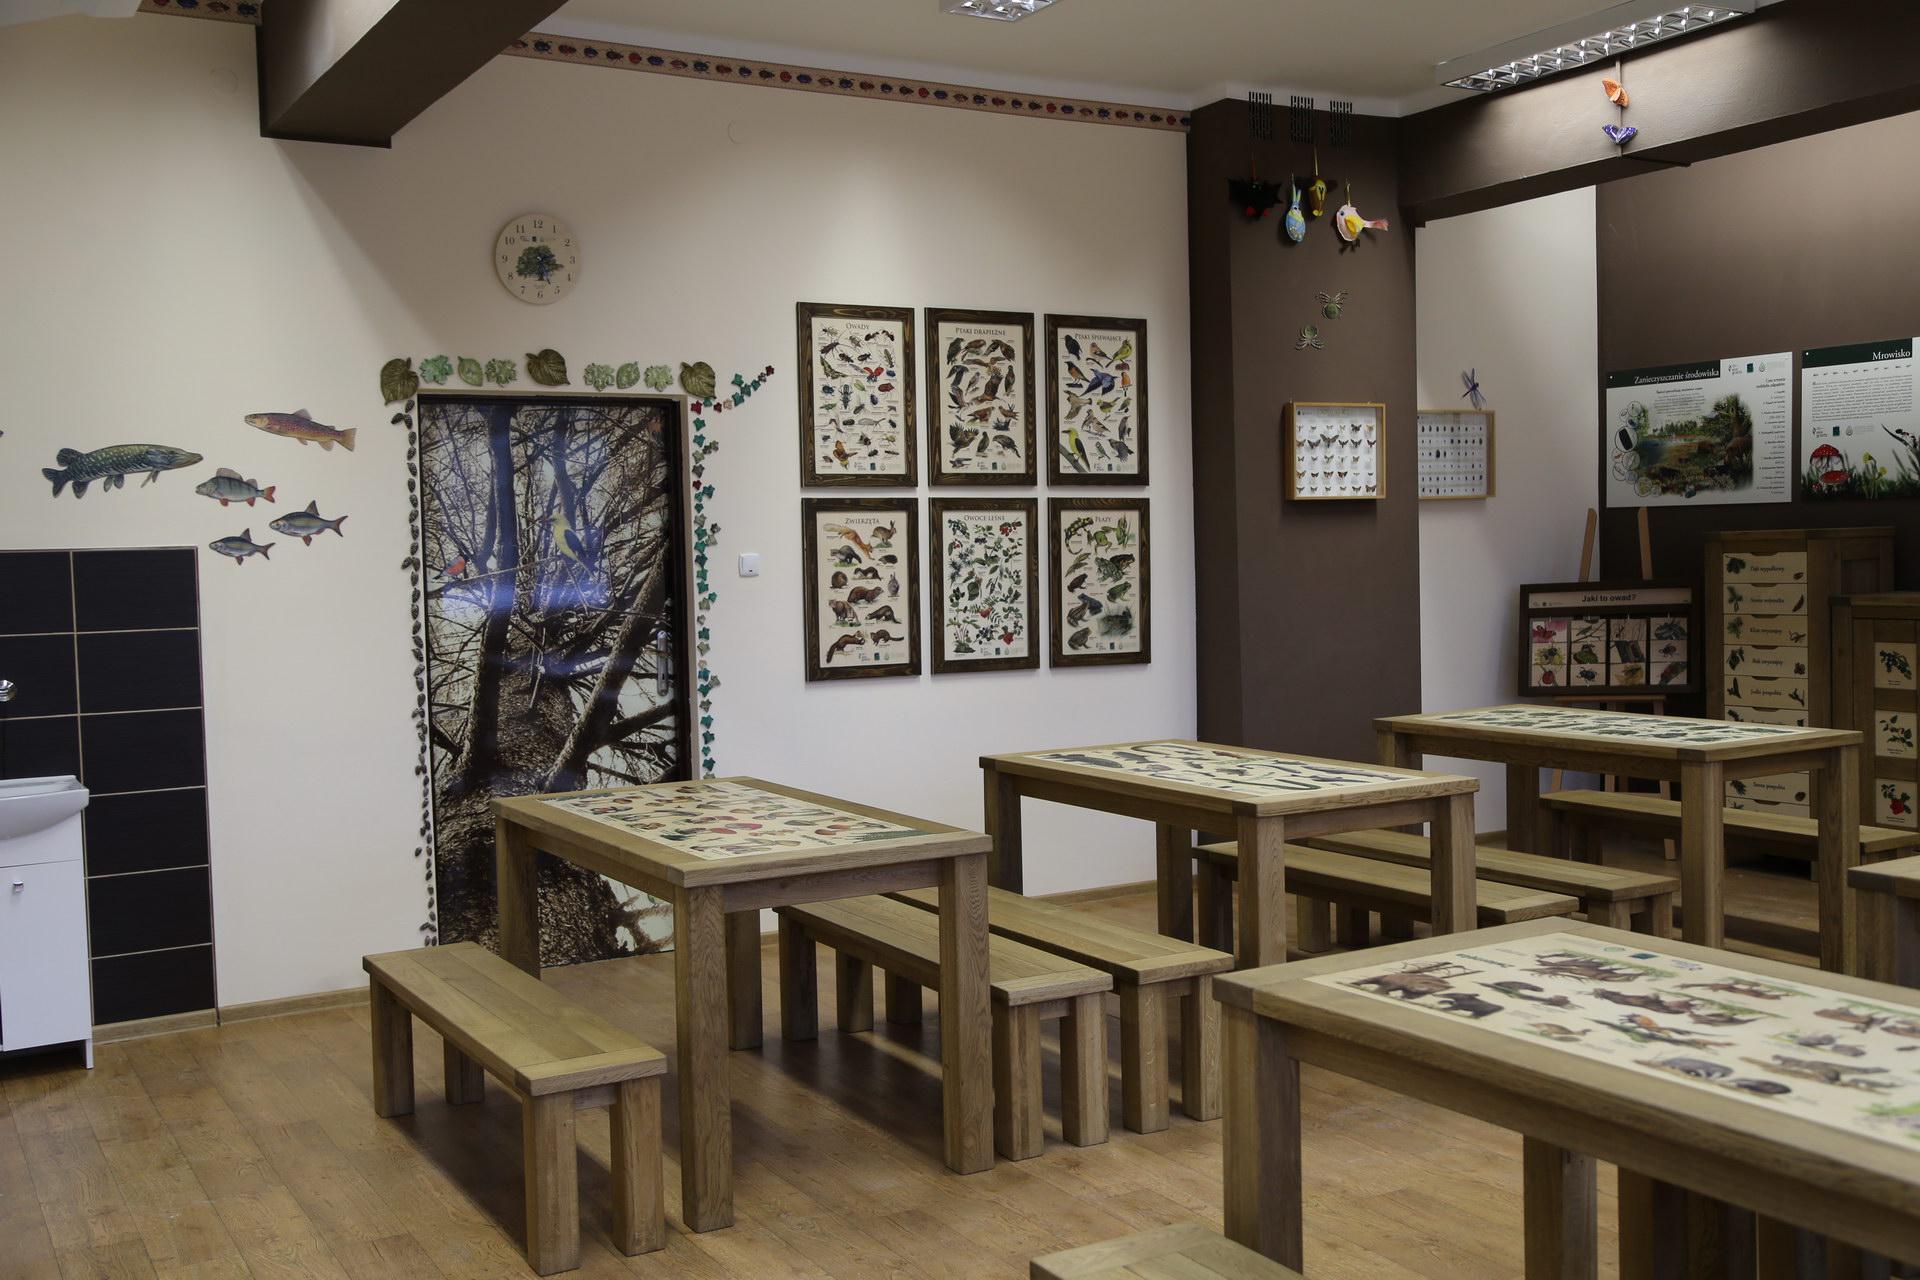 Izby edukacyjne lesne - sale przyrodnicze, wystroj wnetrz - SP w Wierzchowie (3)